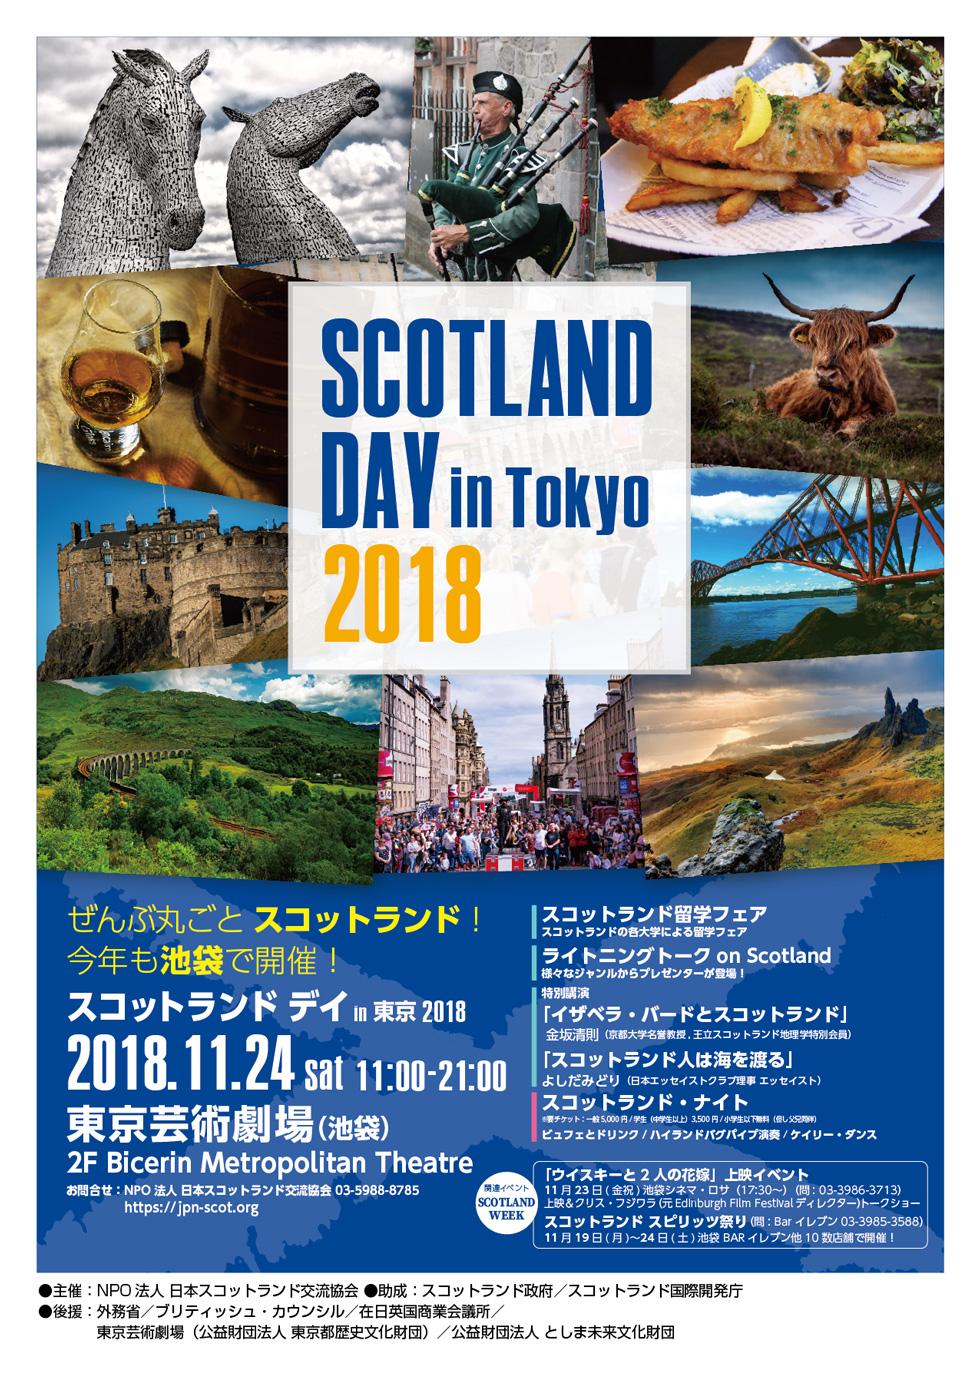 スコットランドディ2018 in 東京